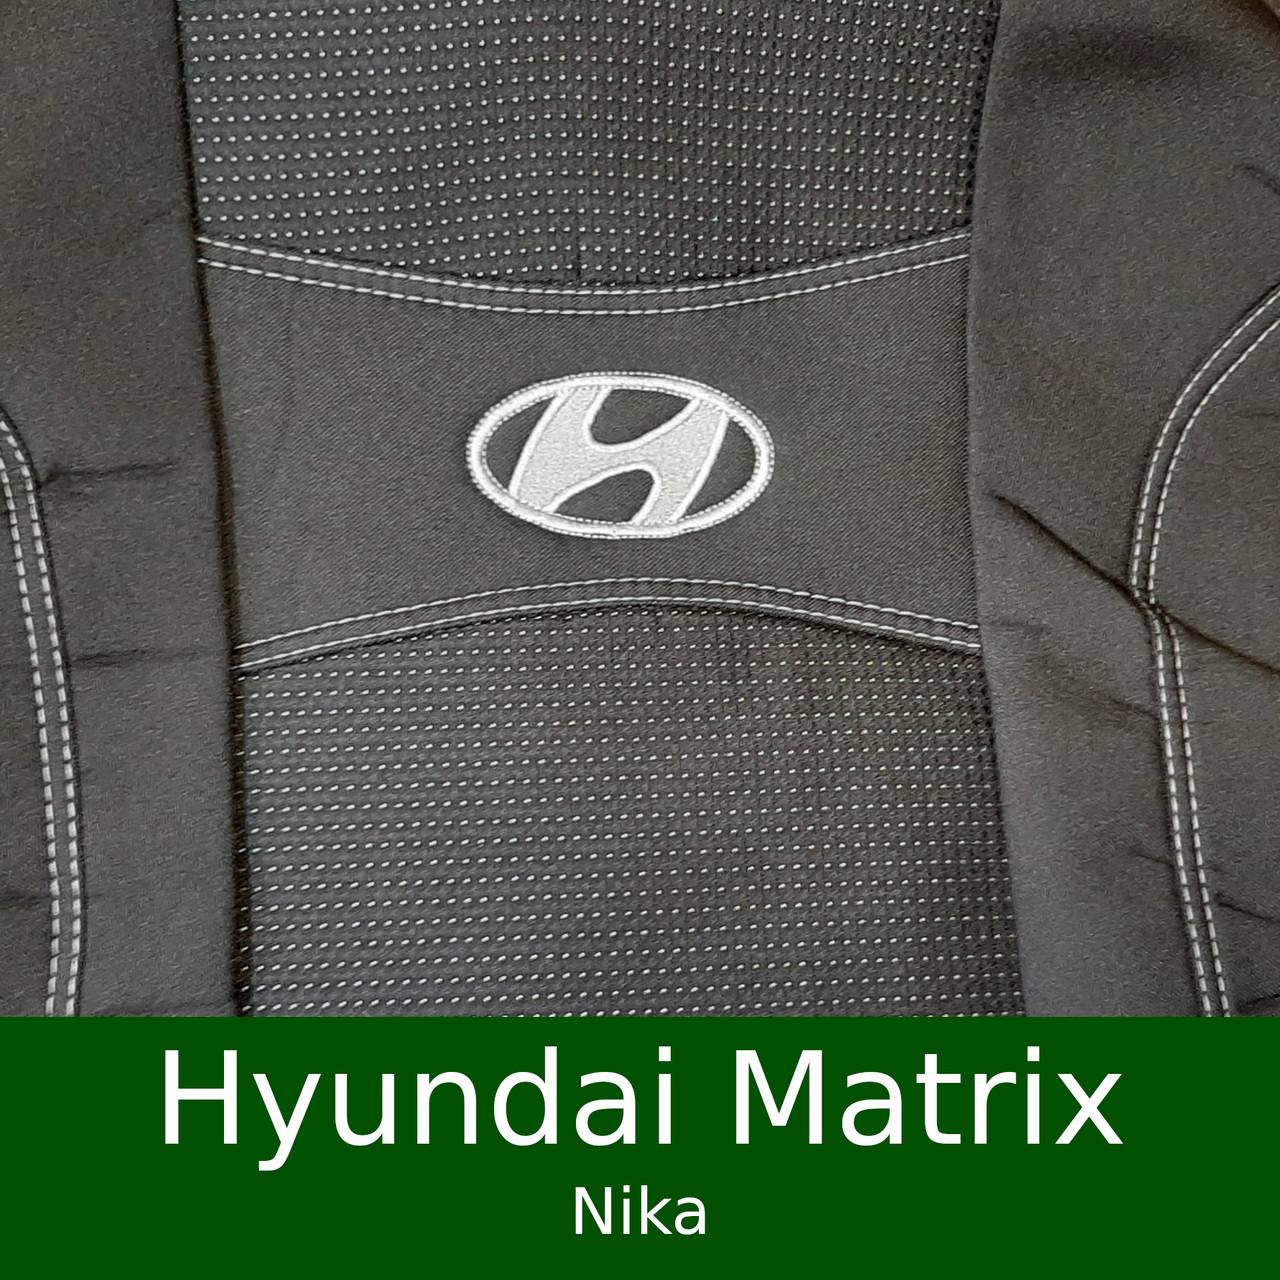 Чехлы на сиденья Hyundai Matrix 2001-2010 (Nika)